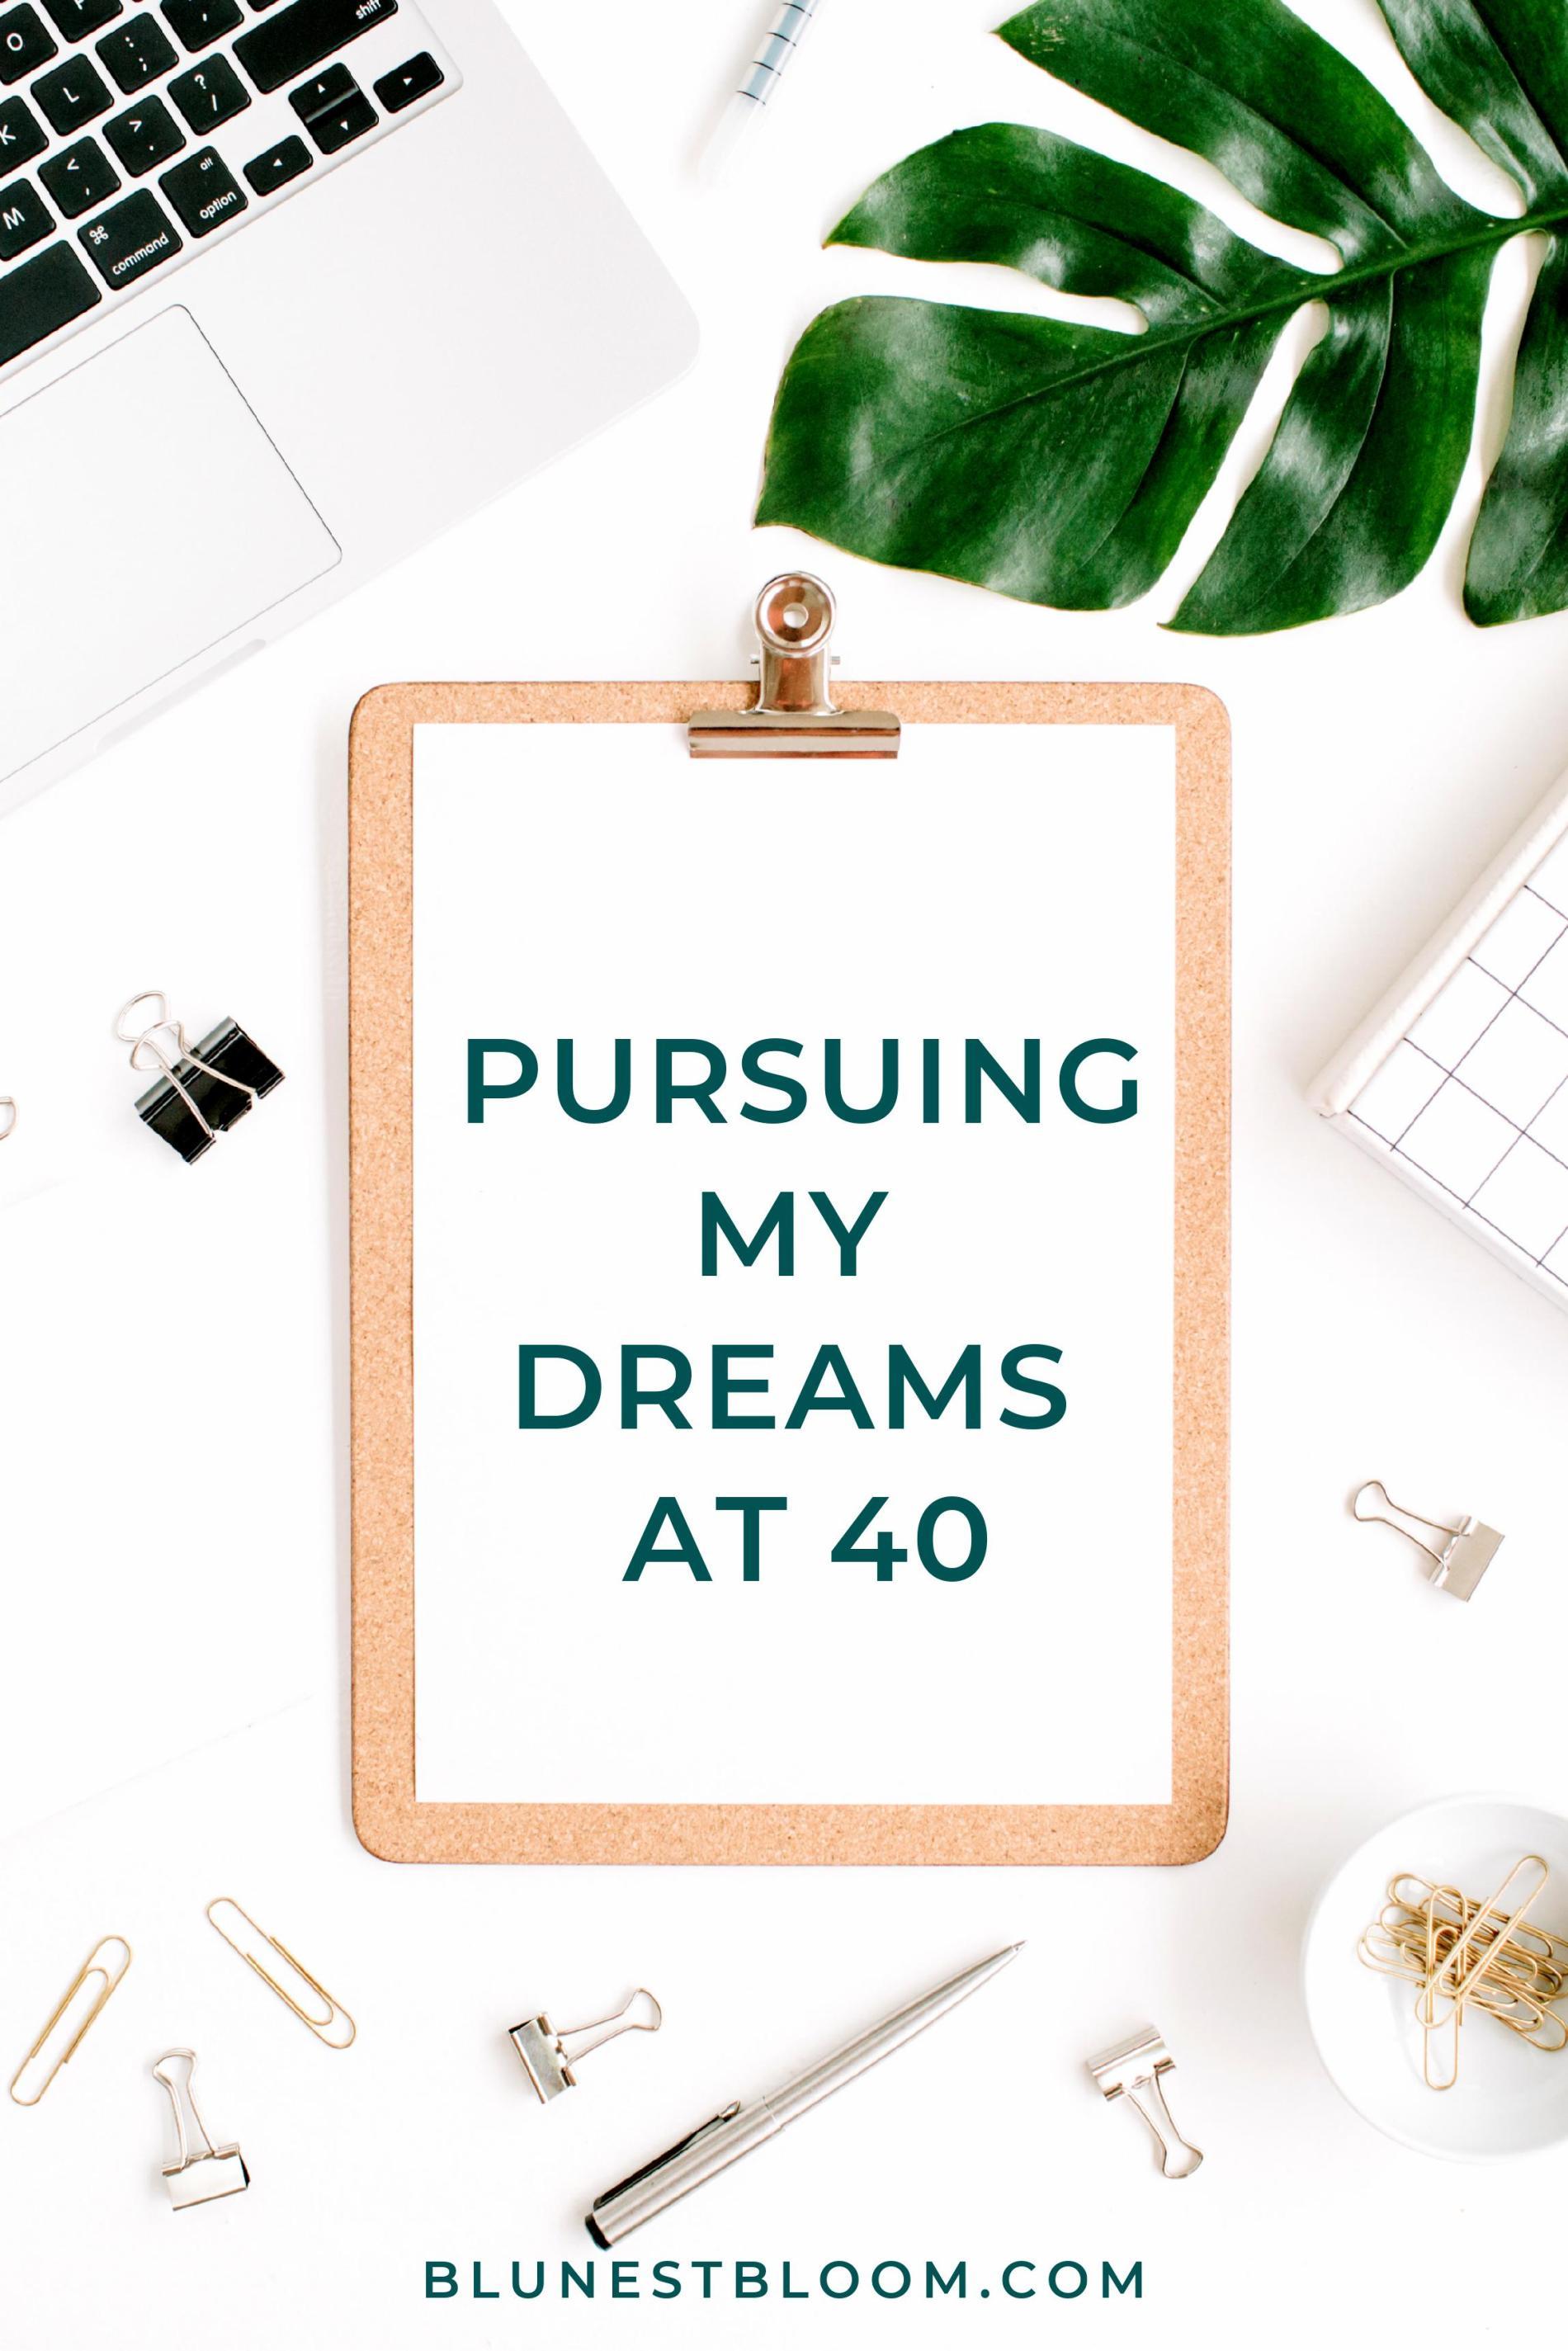 Pursuing My Dreams at 40